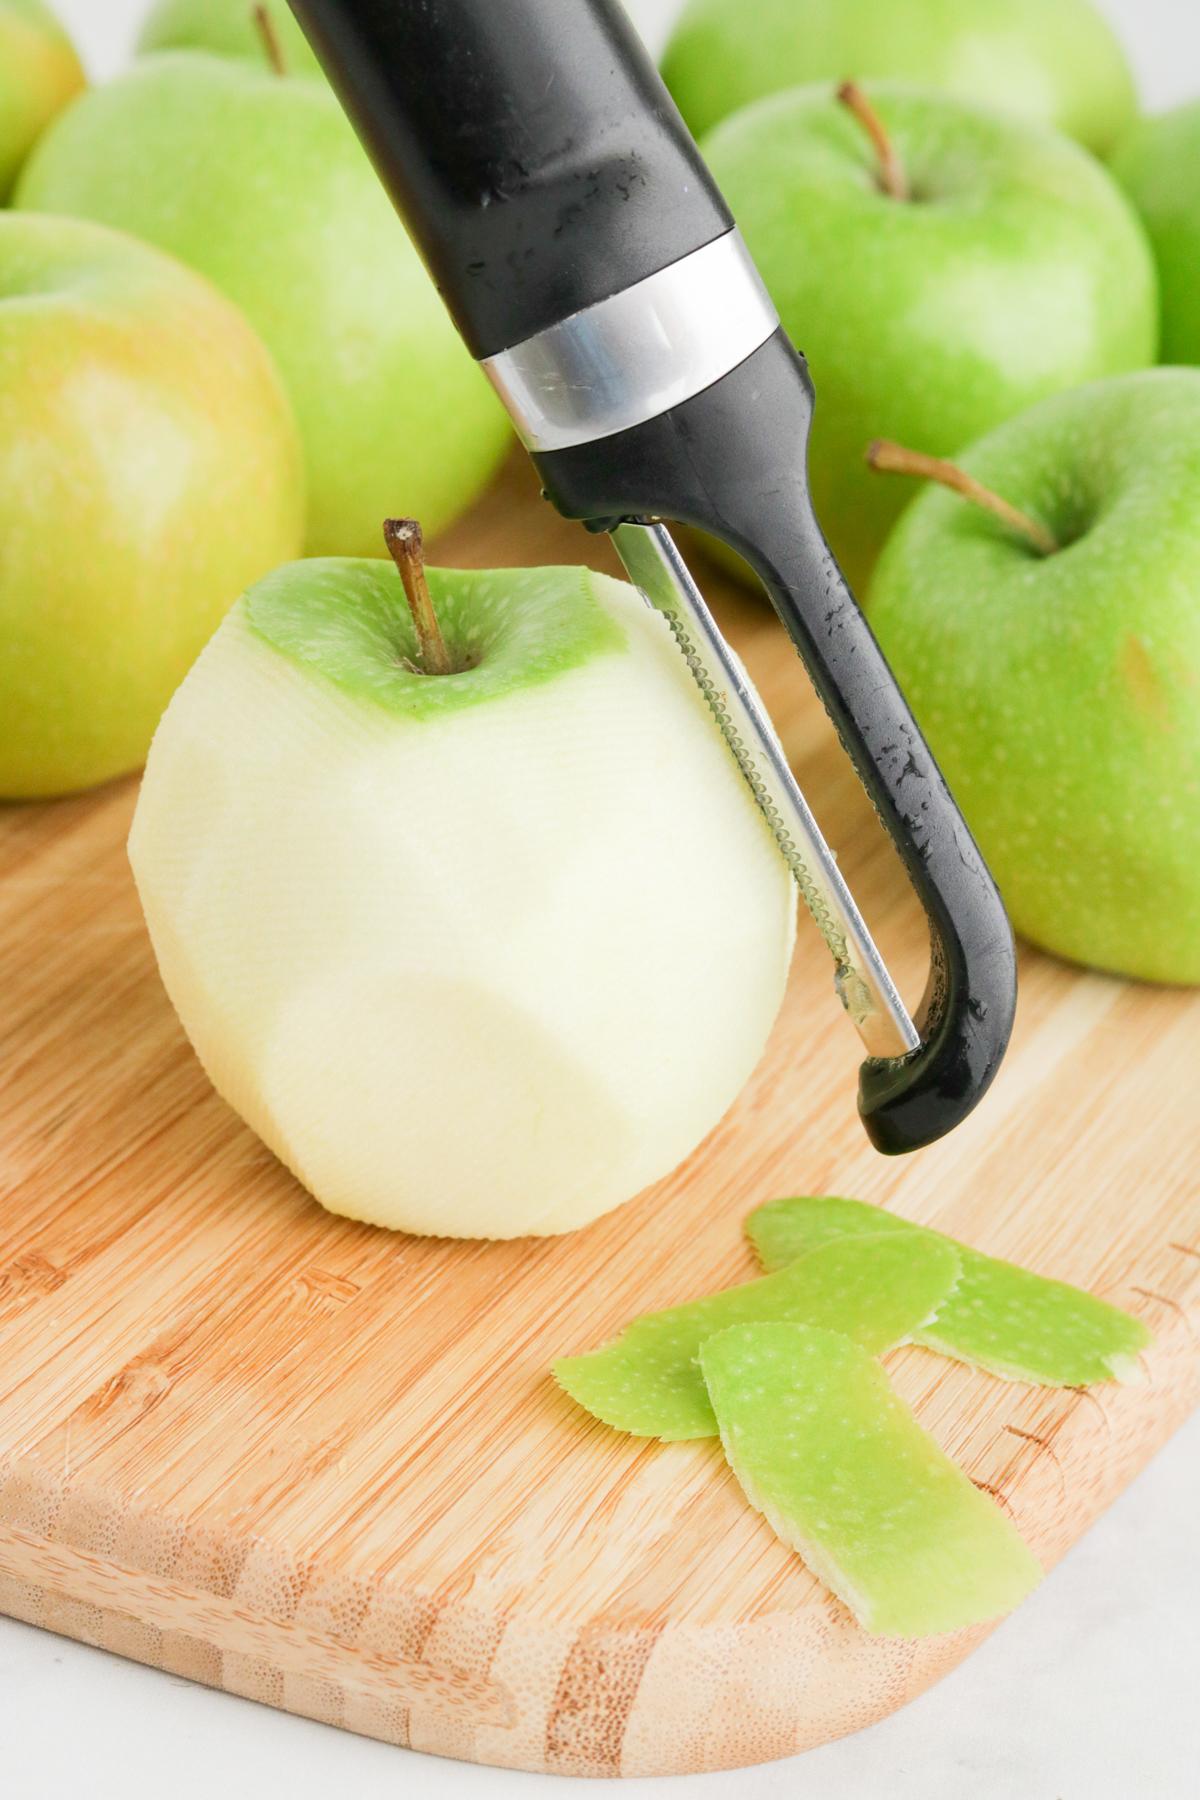 Peeled green apple on cutting board